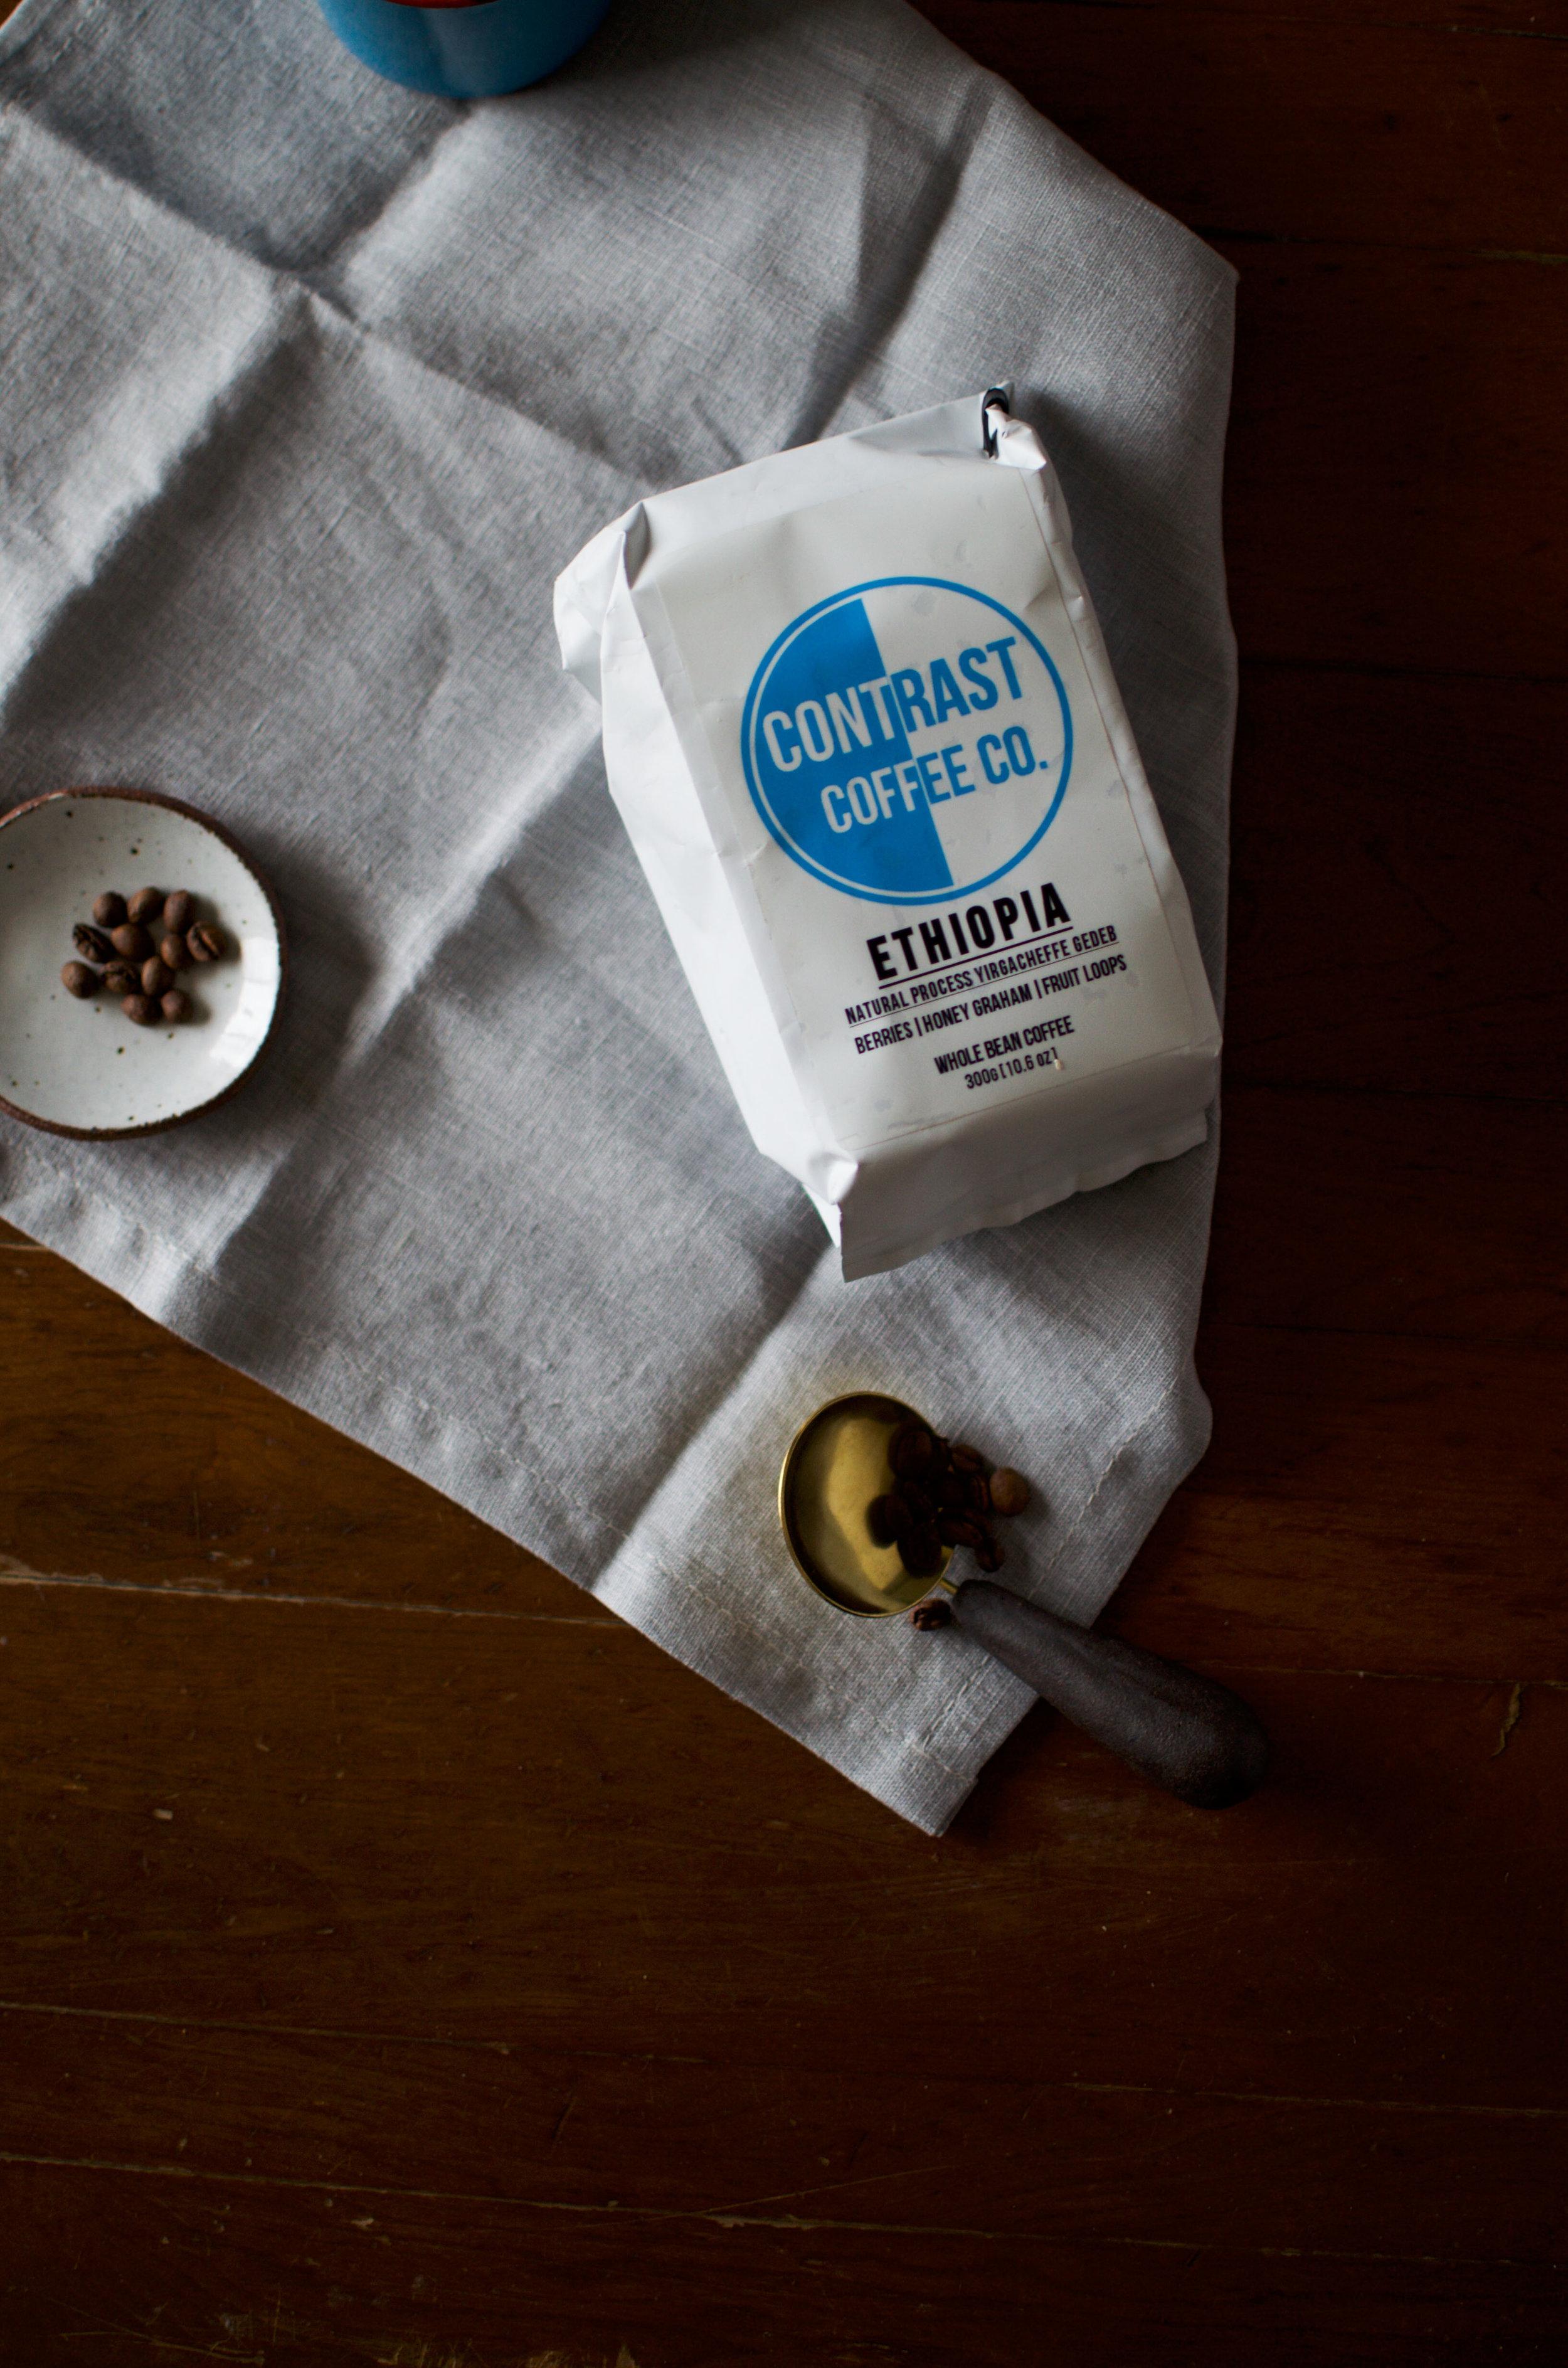 Wendling_Boyd_Daily_Brew_Coffee_Day_Contrast_Coffee.jpg